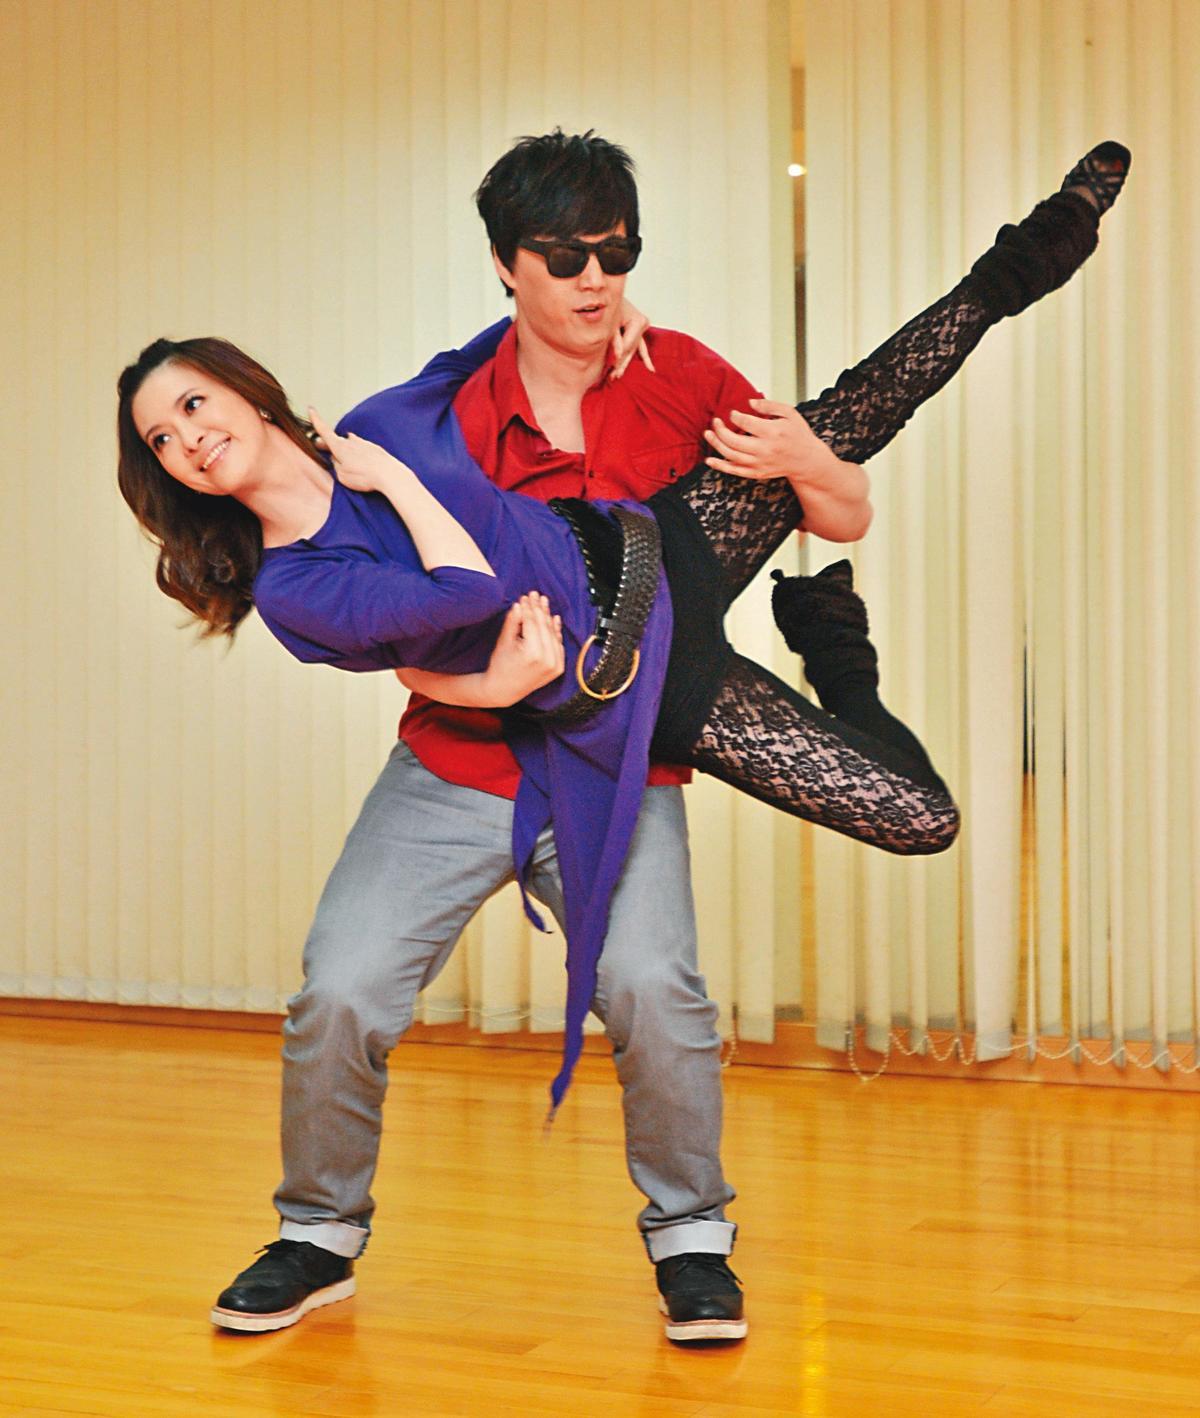 為助陣蕭煌奇的演唱會,劉真特地與他彩排雙人國標舞橋段。(東方IC)